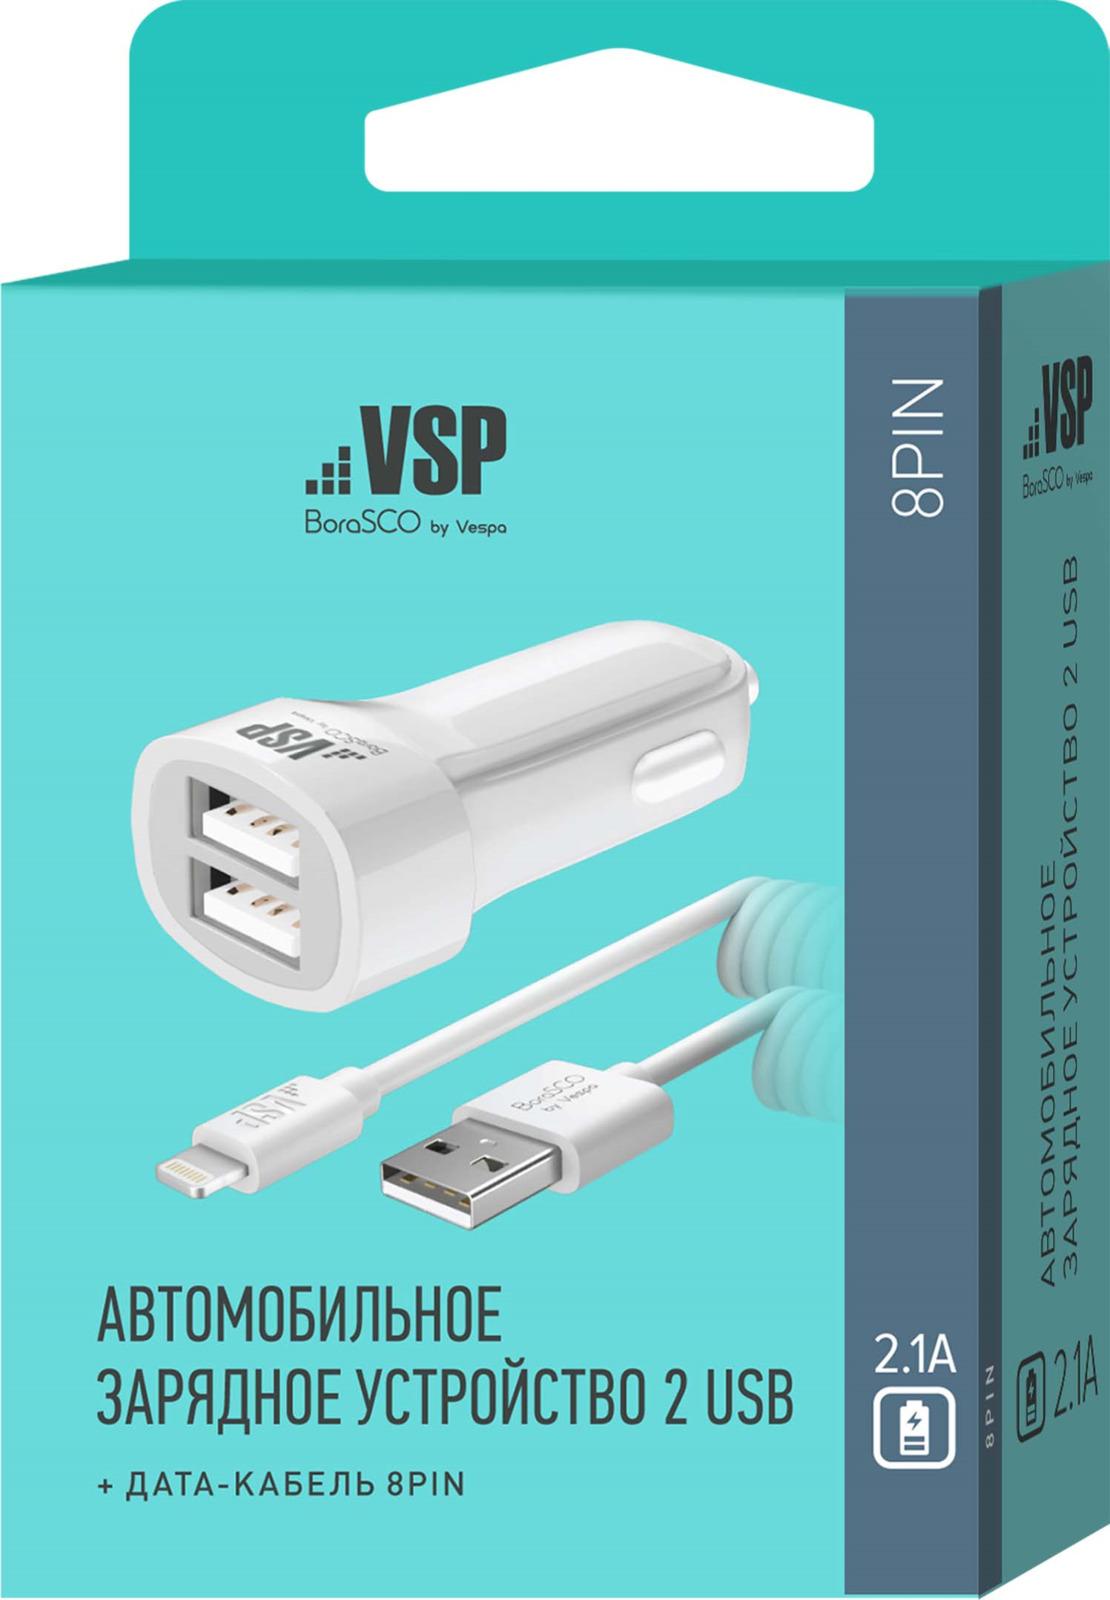 Автомобильное зарядное устройство Borasco by Vespa, 2 USB, 2,1 A + Дата-кабель 8 pin, 2 м, 20638, белый